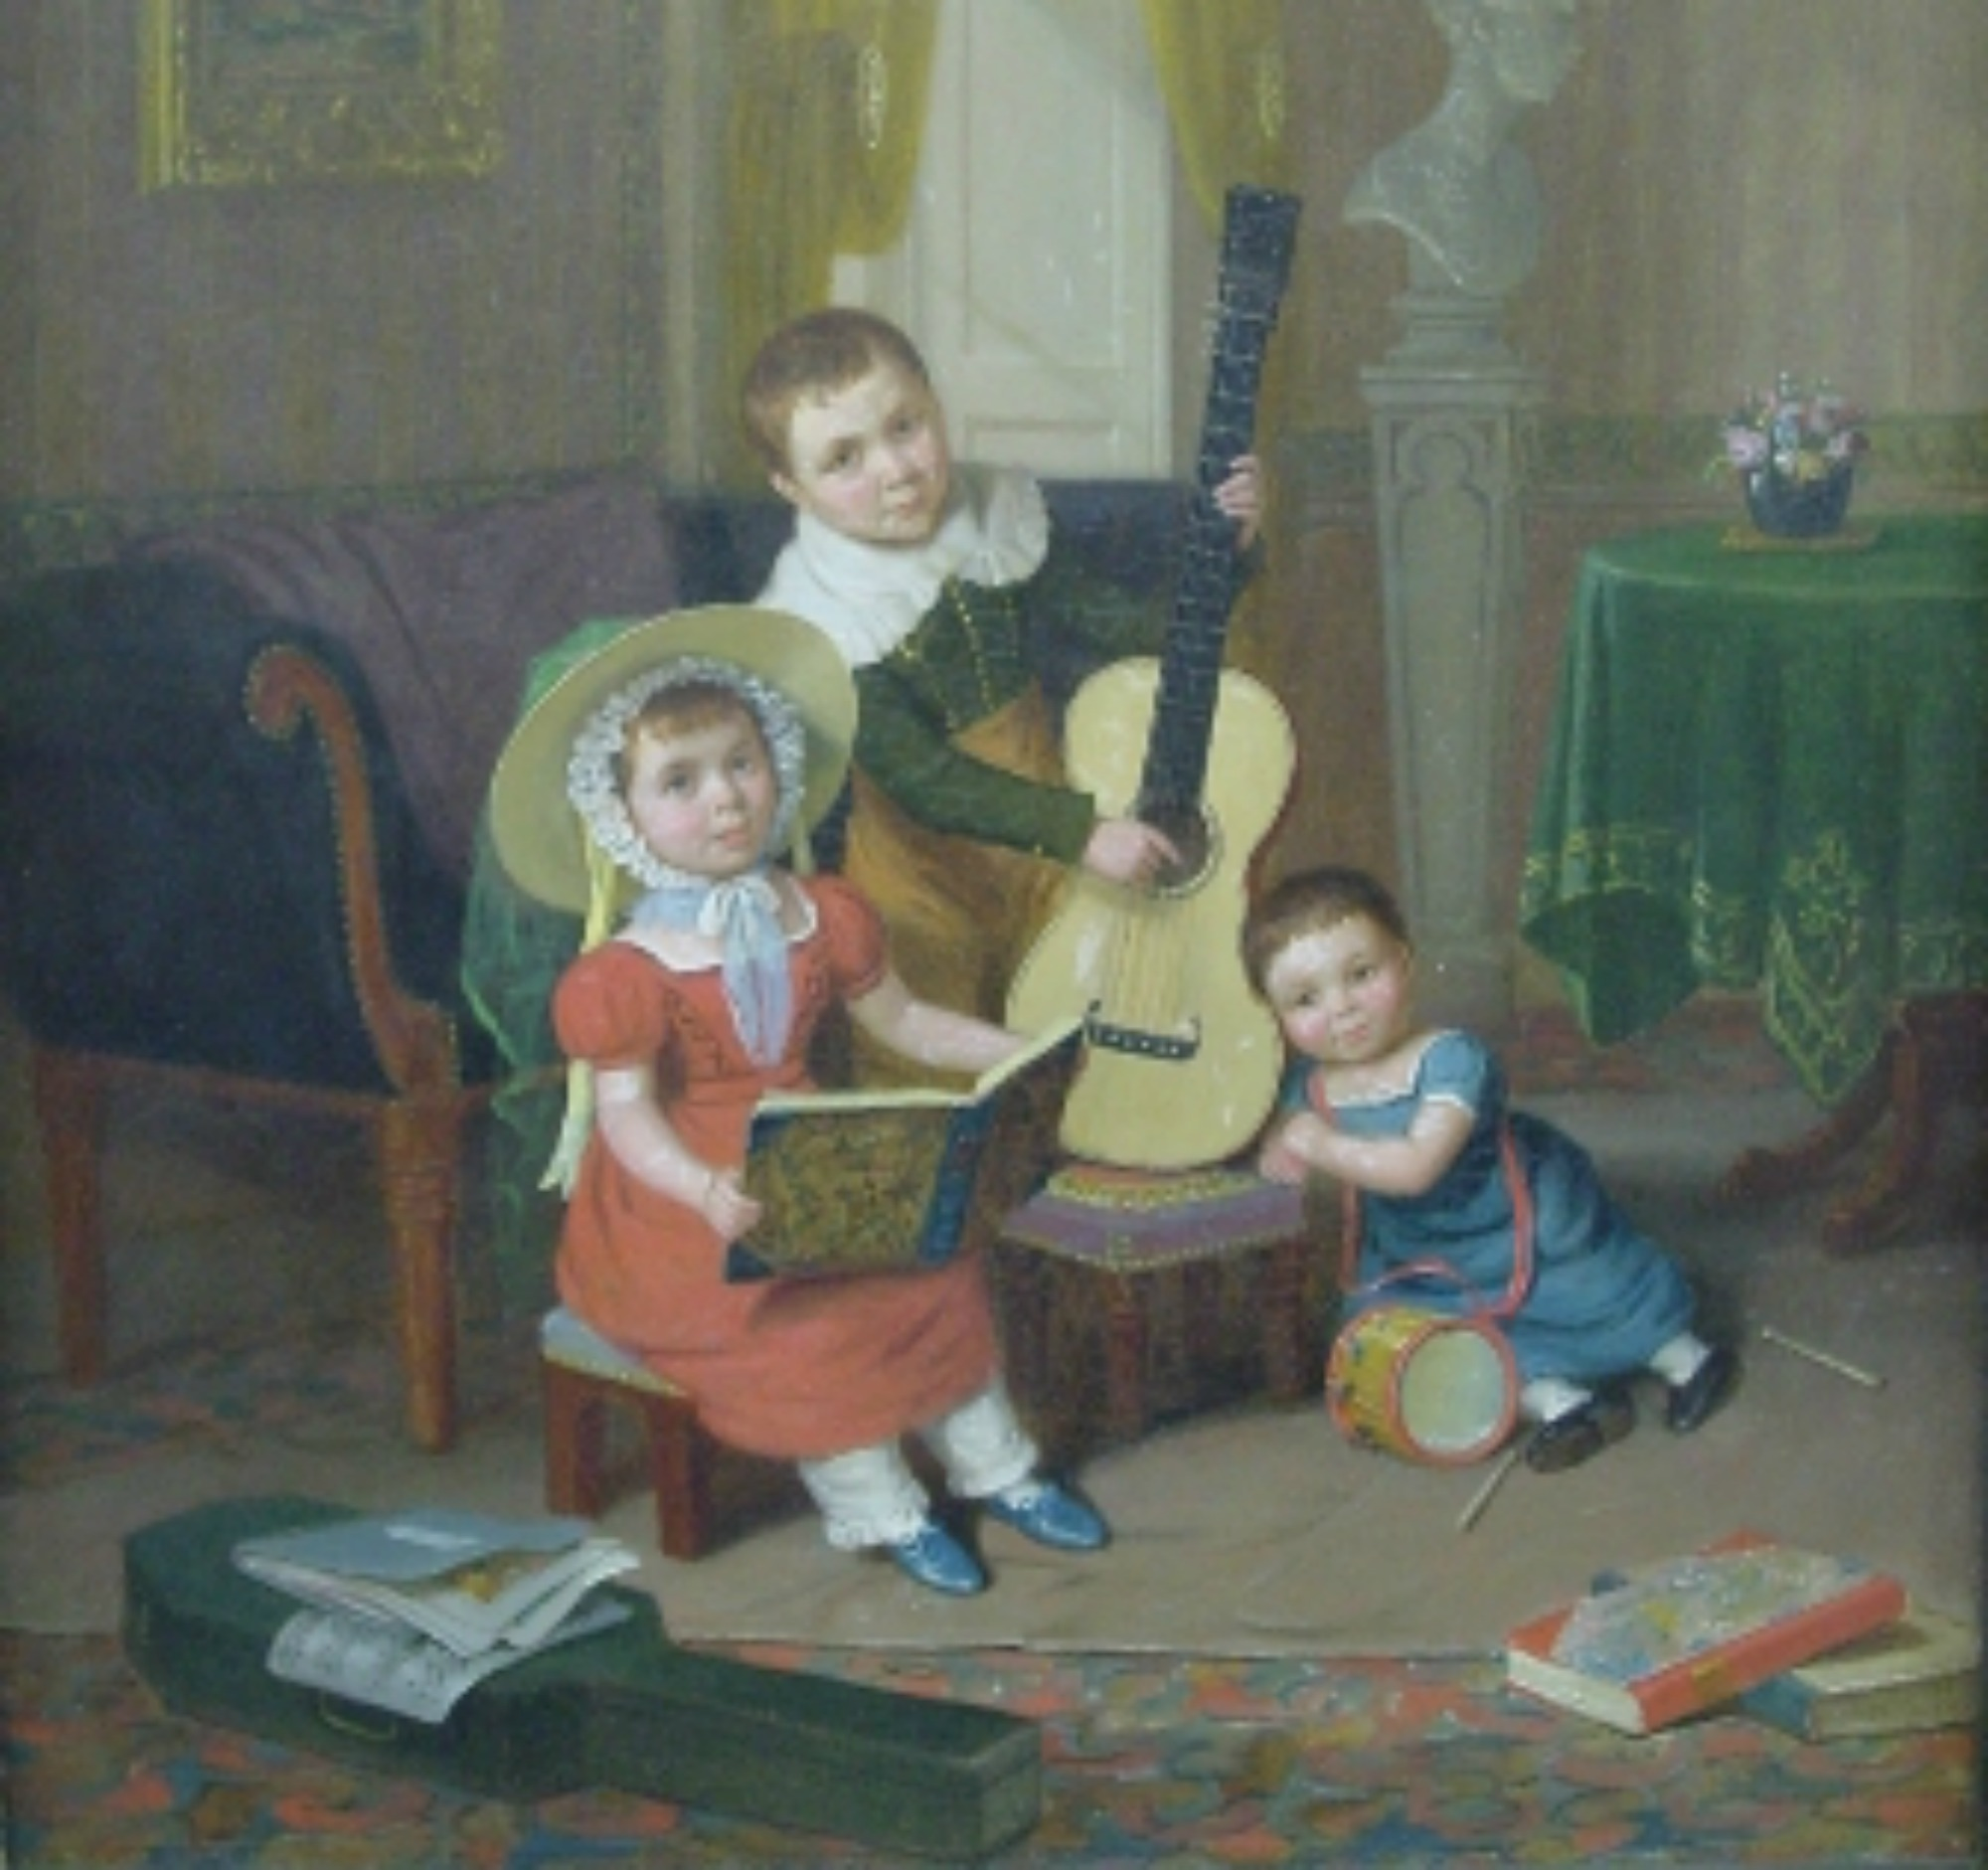 όπως θα δείτε σε αυτόν τον πίνακα, στο σημείο που κάθονταν τα παιδιά υπήρχε στρωμένο άλλο χαλάκι για να προστατεύεται το κυρίως χαλί.